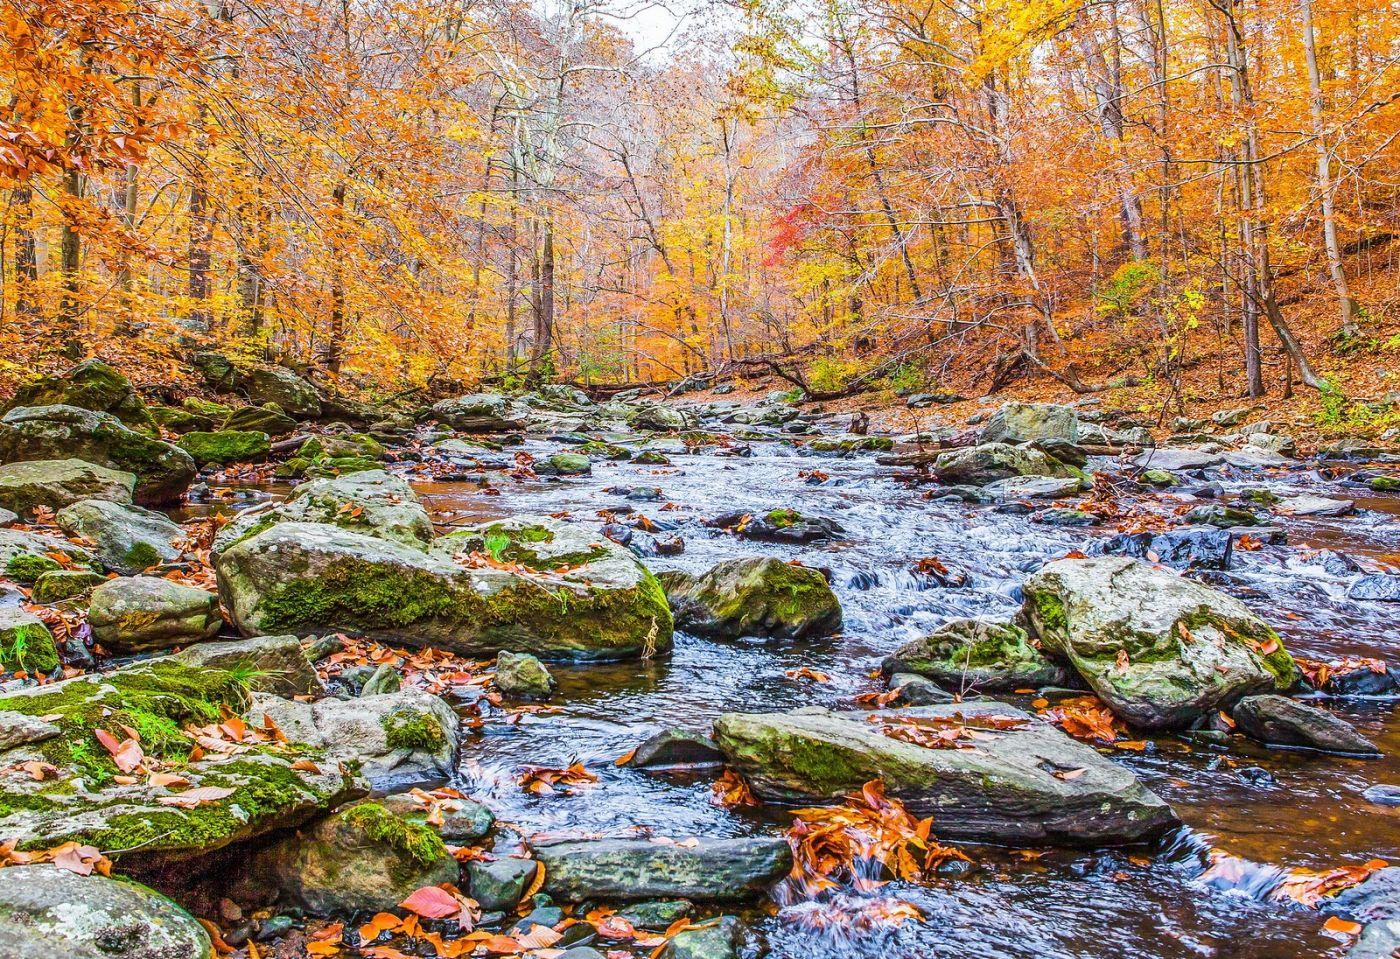 宾州雷德利克里克公园(Ridley creek park),迷人的秋色_图1-22